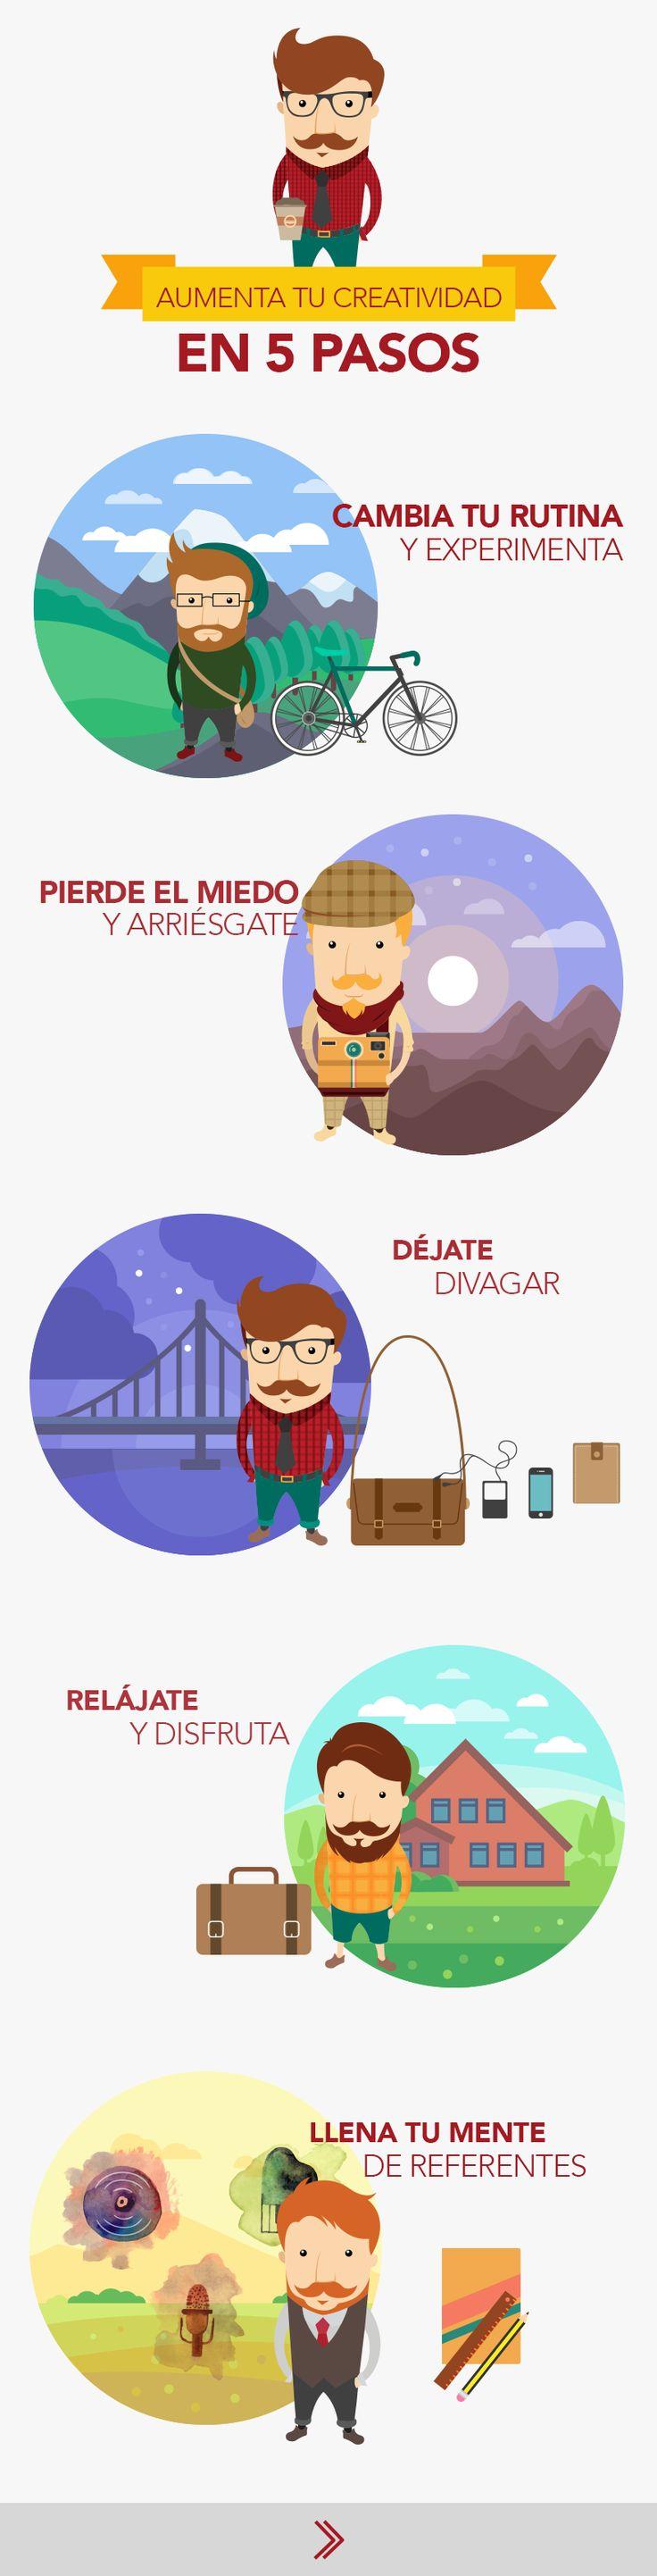 5 pasos para aumentar la creatividad